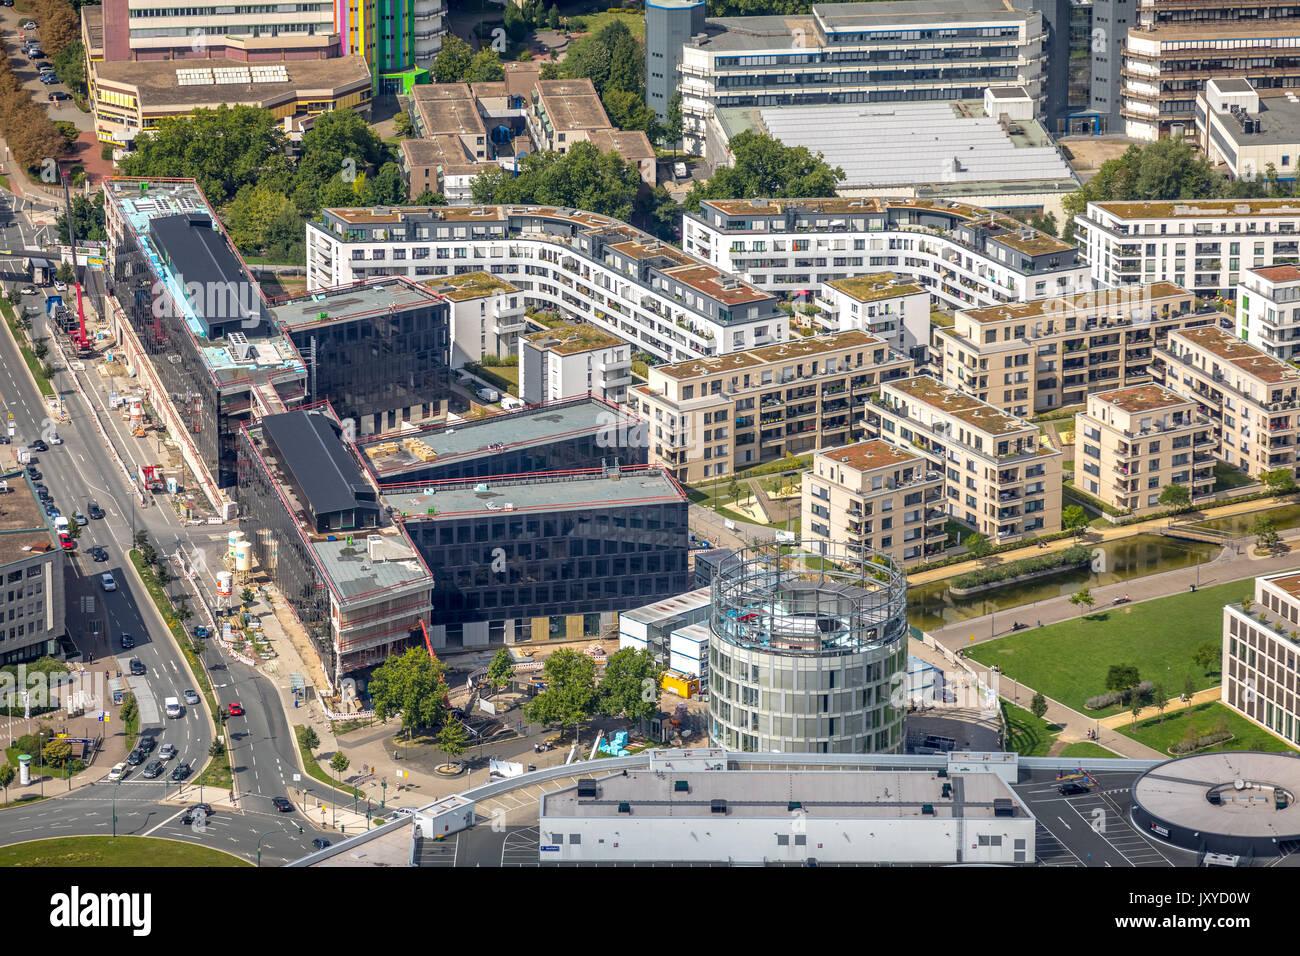 Funke Medien Campus Grüne Mitte Essen, Segerothstraße, Berliner Platz, Essen, Ruhrgebiet, Nordrhein-Westfalen, Deutschland - Stock Image